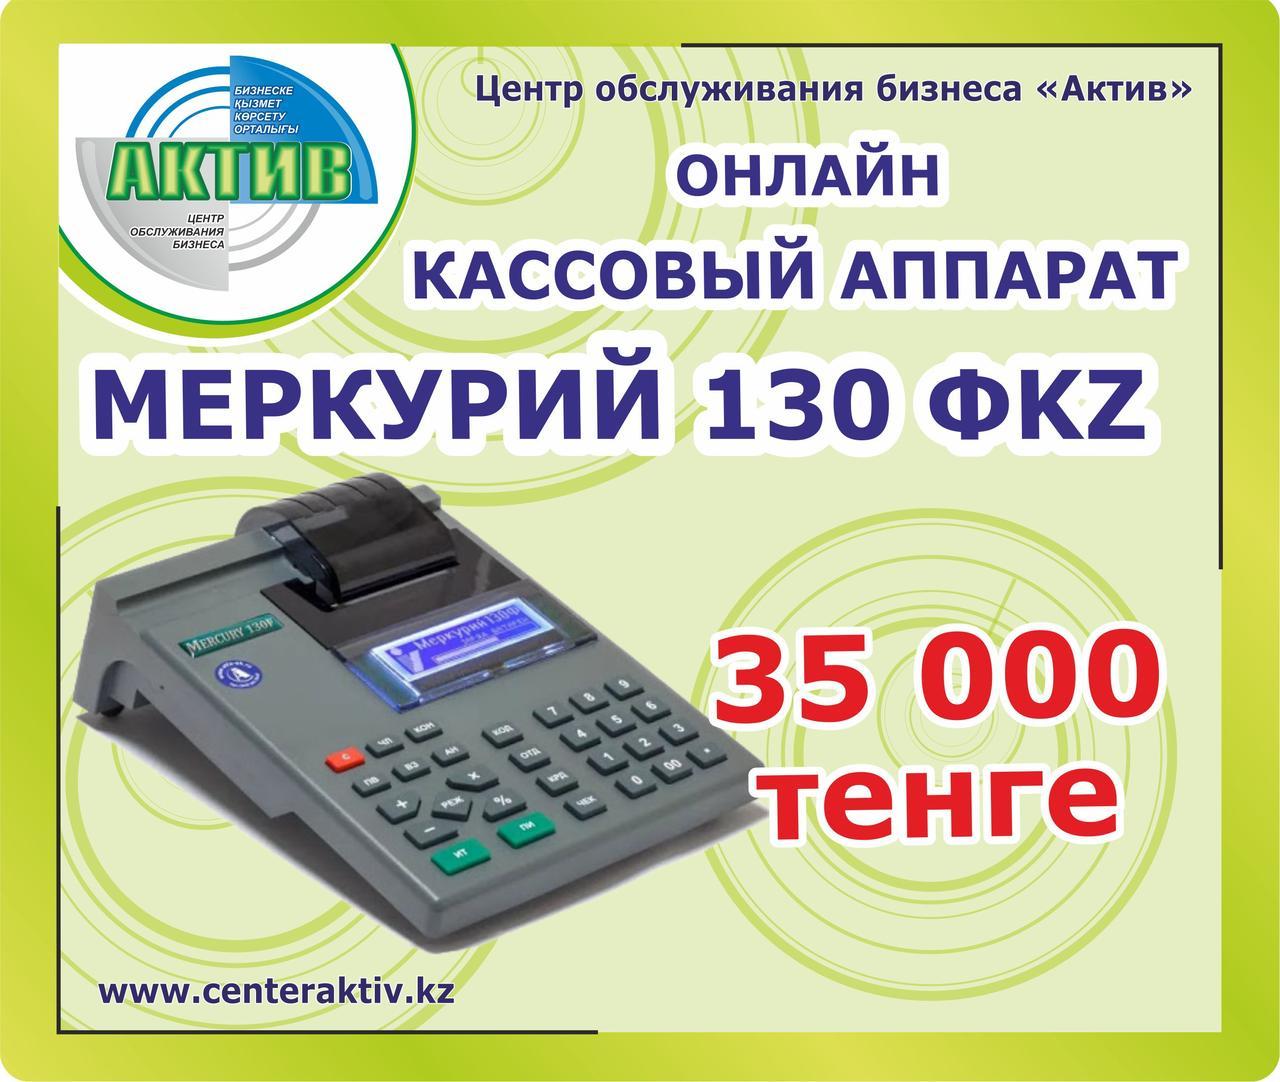 Кассовый аппарат Меркурий 130 ФKZ онлайн б/у